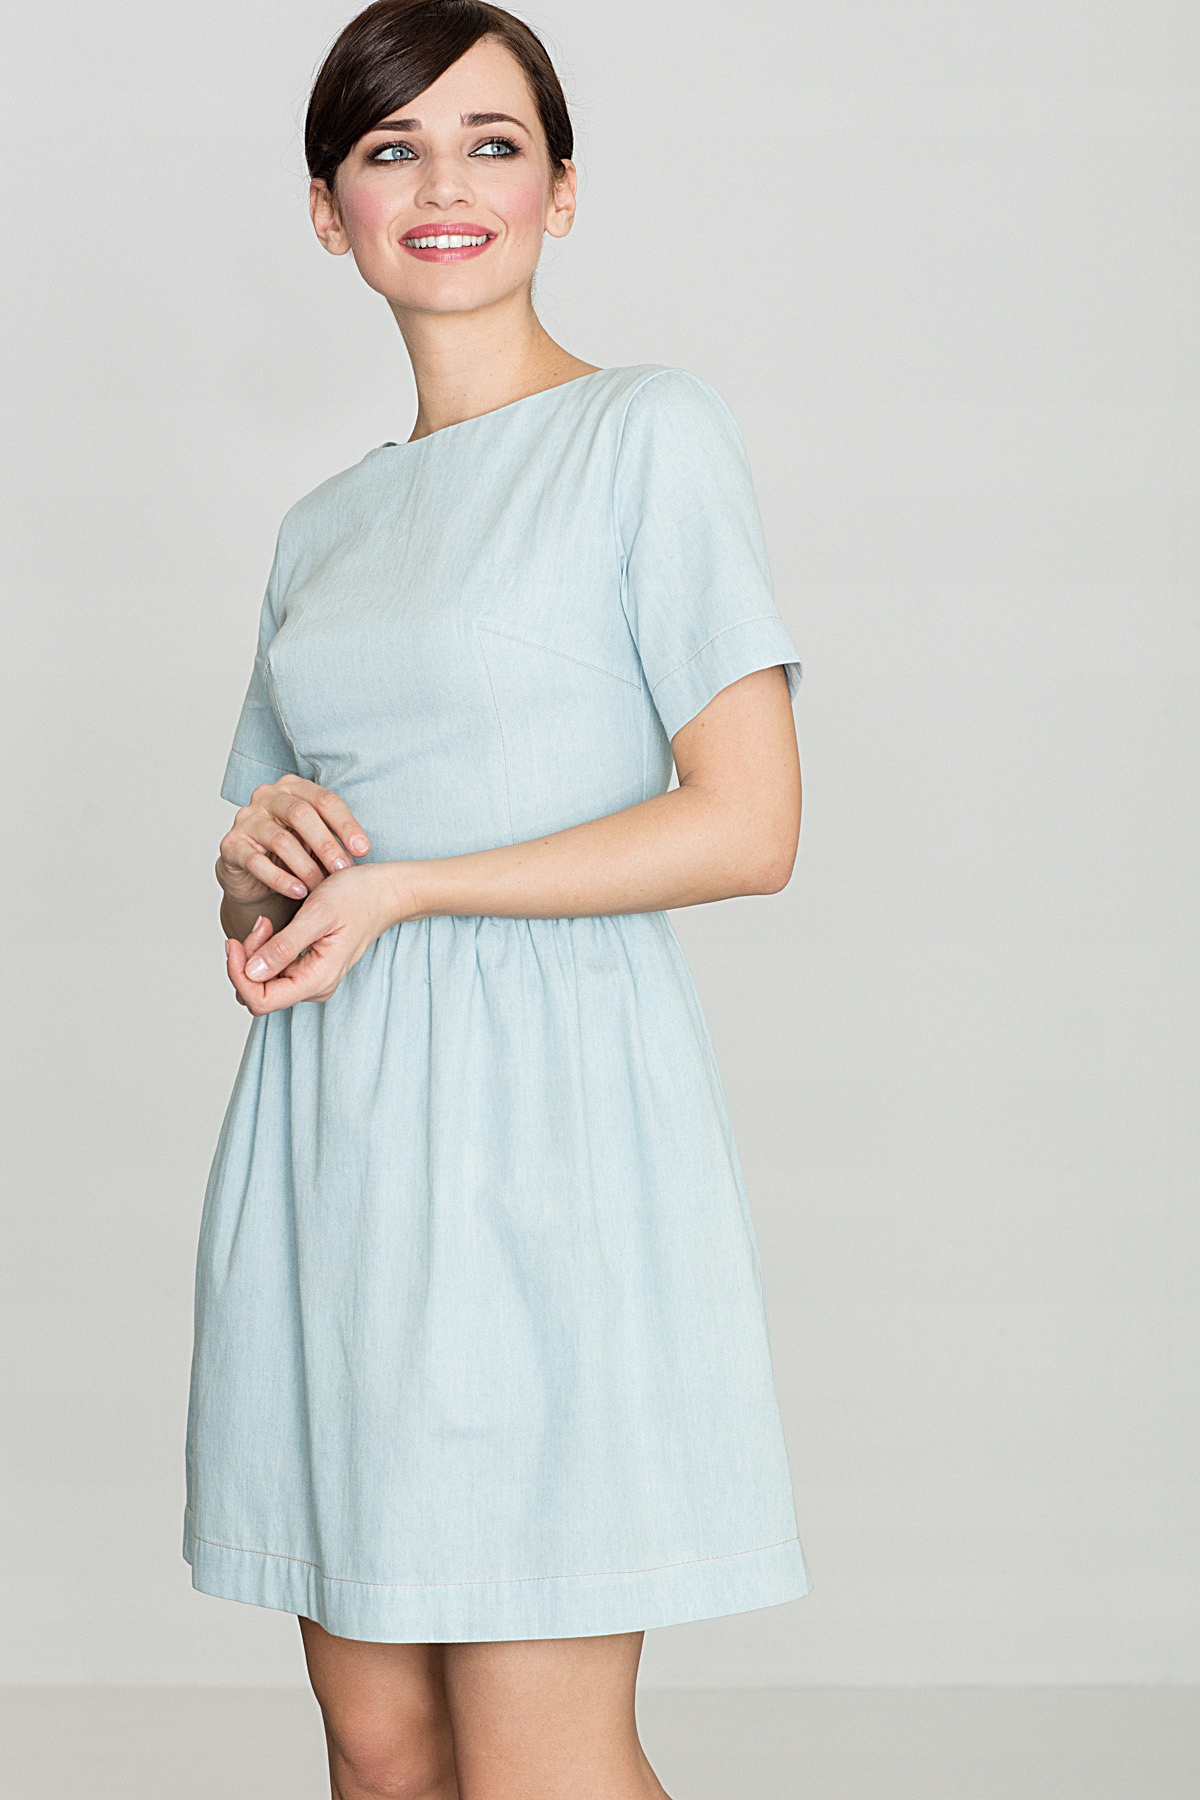 Bawełniana sukienka mini, Błękit, L, Wyprzedaż